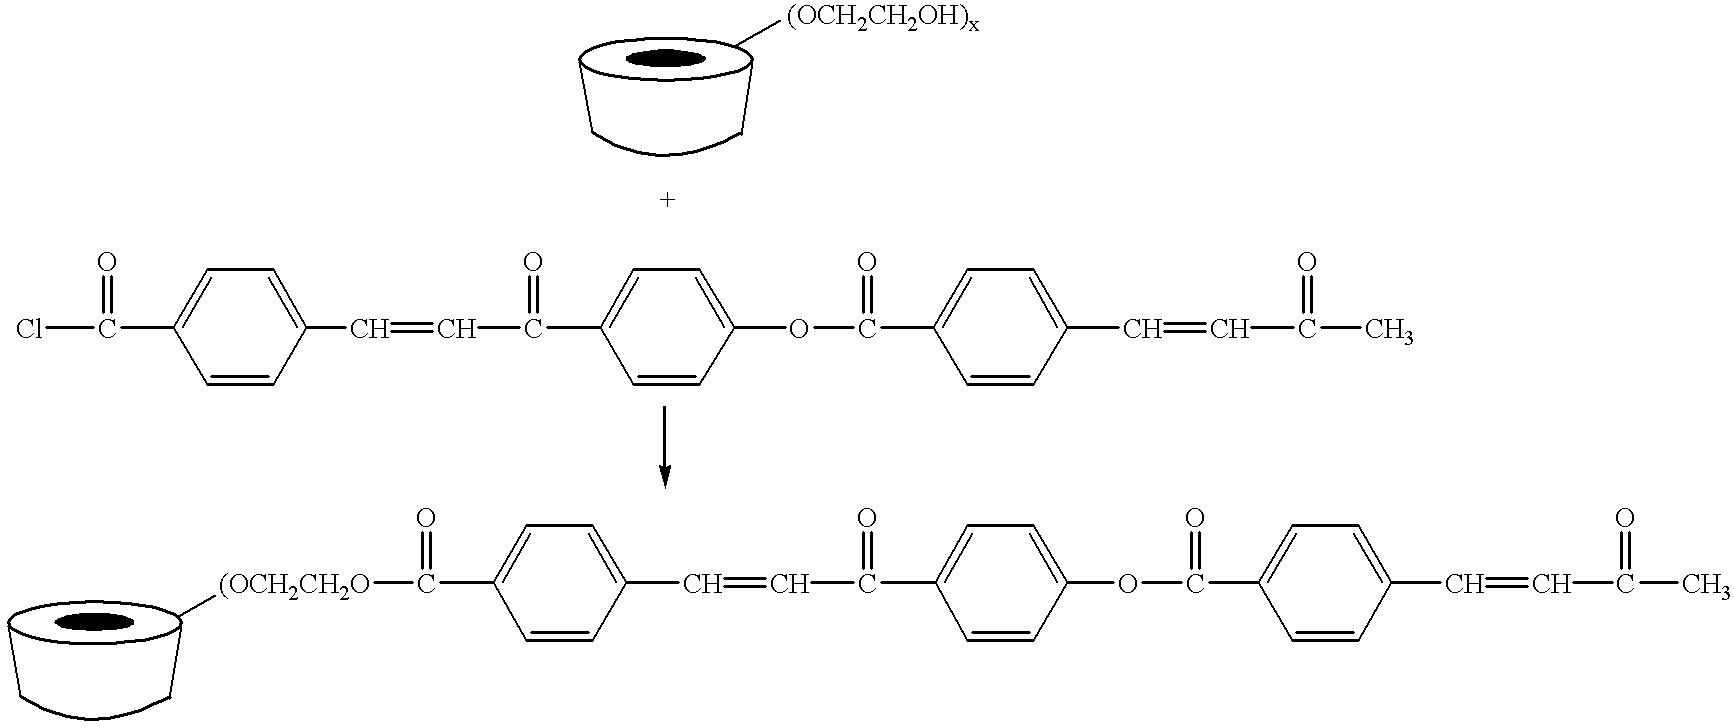 Figure US06342305-20020129-C00049